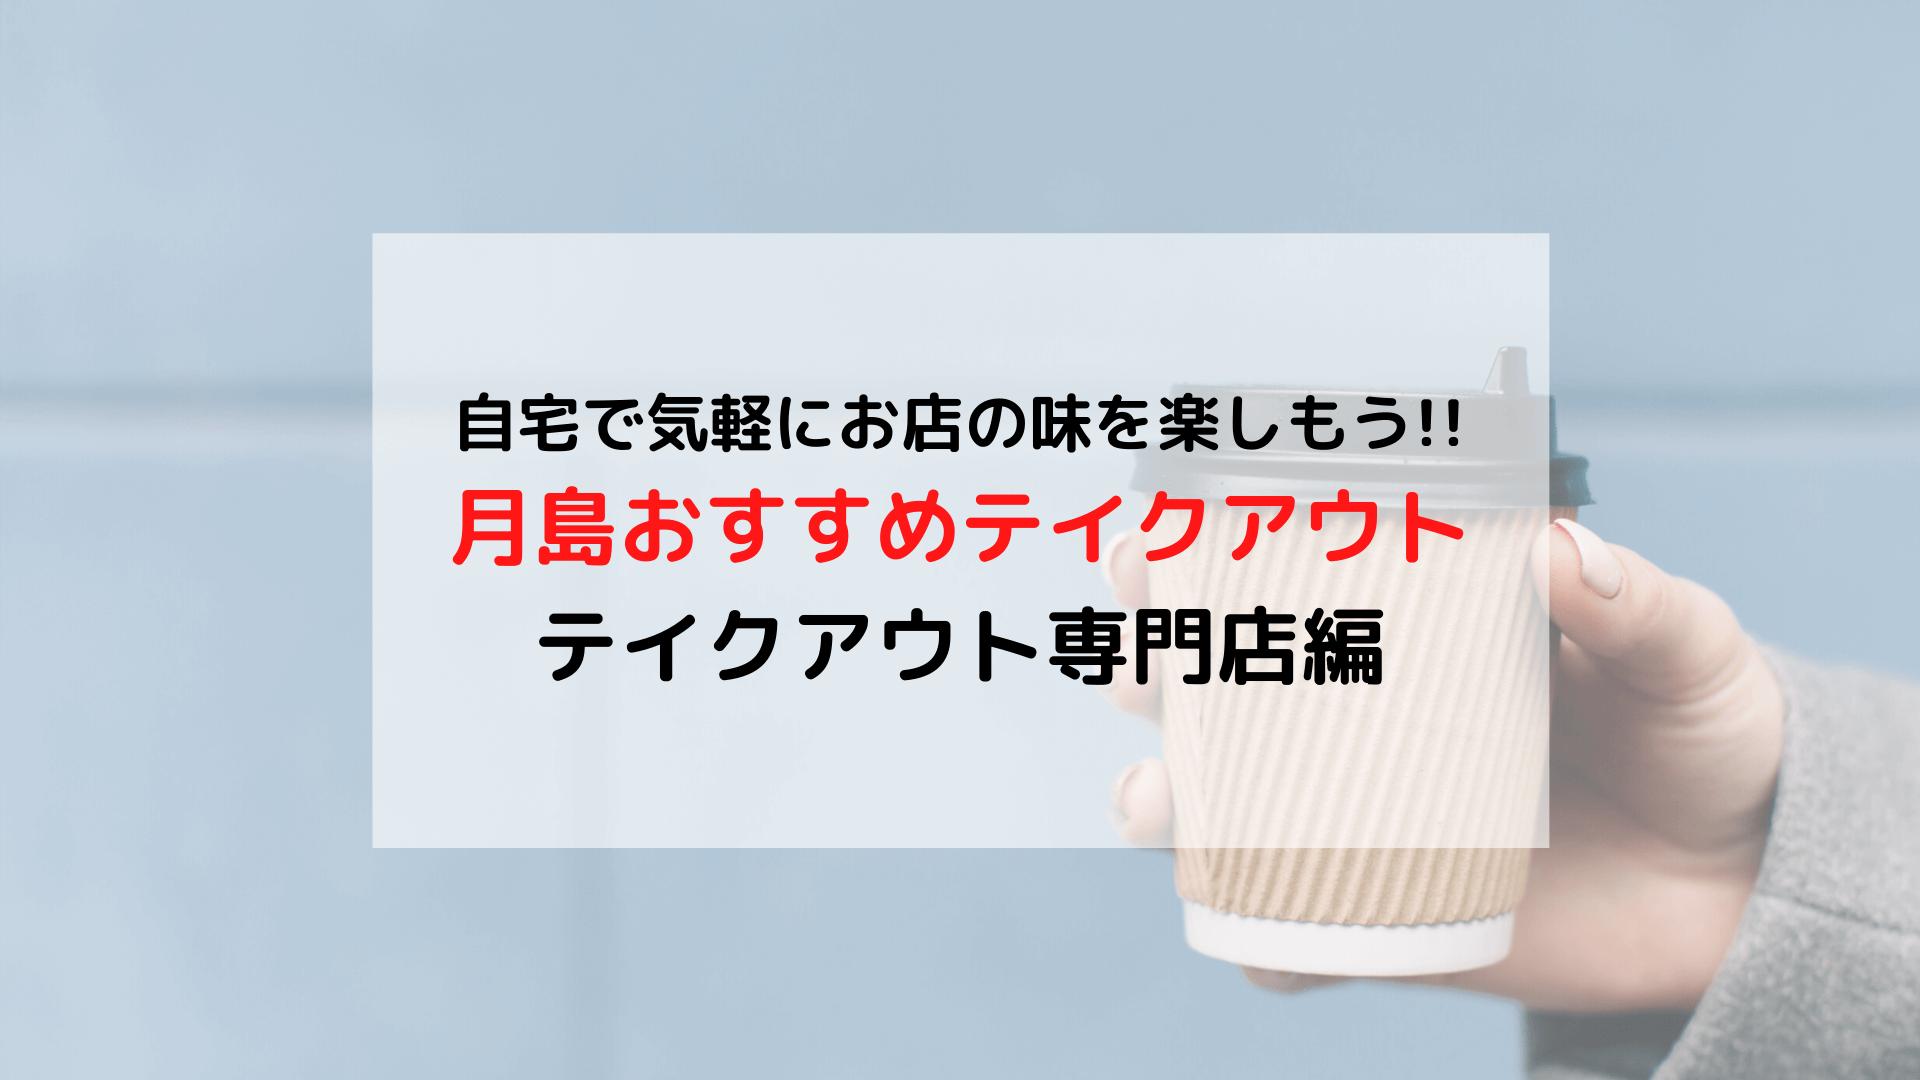 月島おすすめテイクアウト テイクアウト専門店編